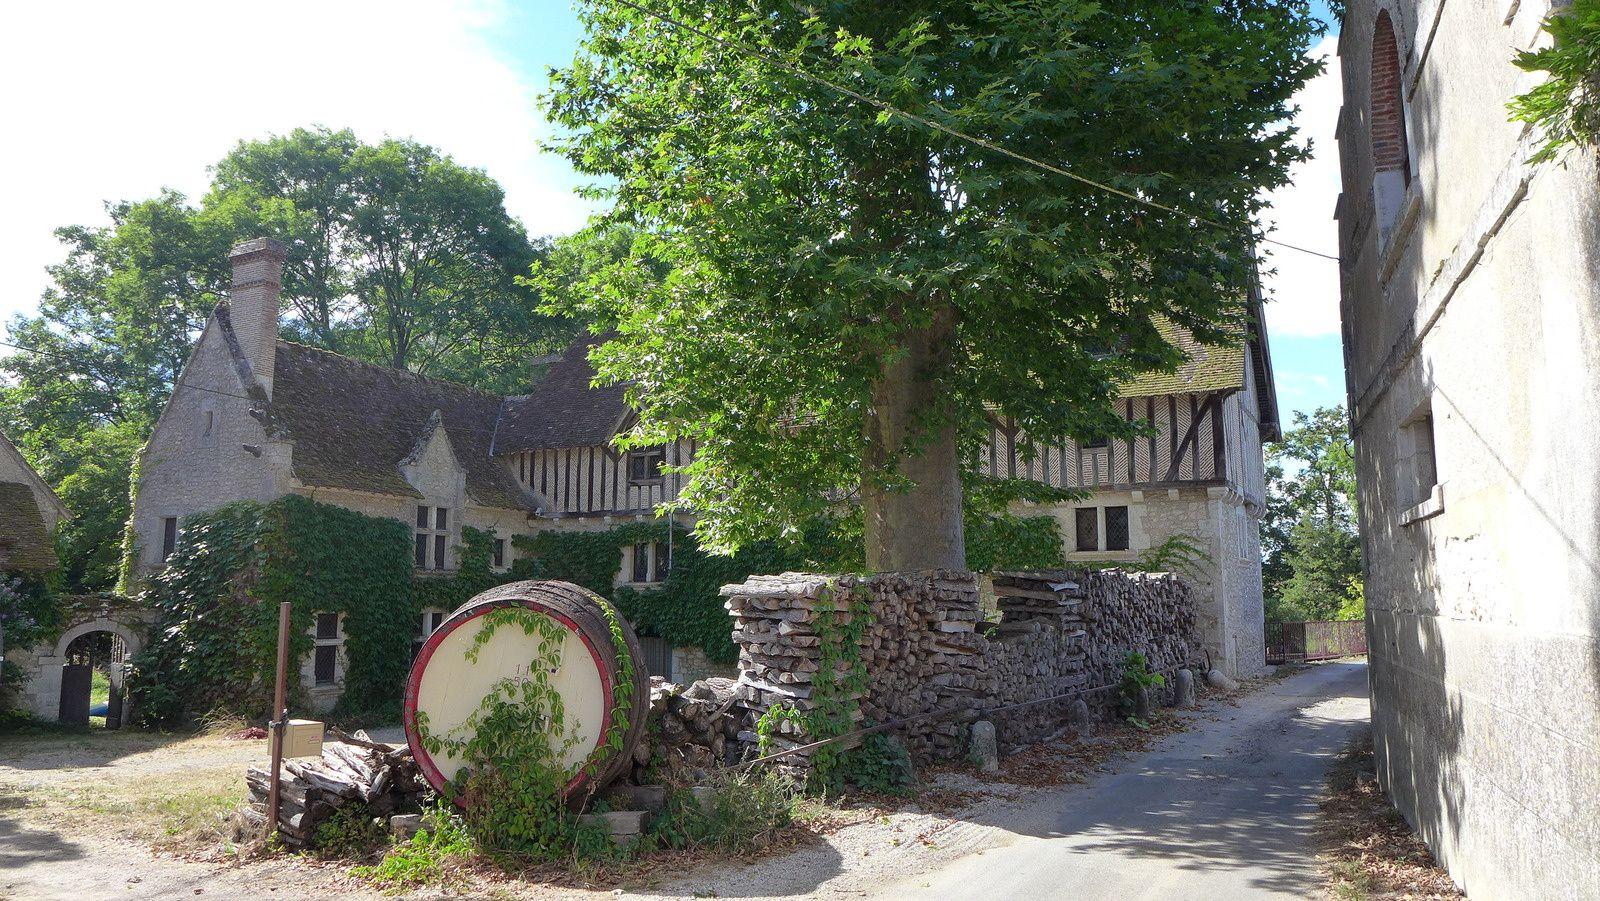 Chteau des Grotteaux, le moulin. un endroit paisible sur le Cosson entre Bois et Chambord.